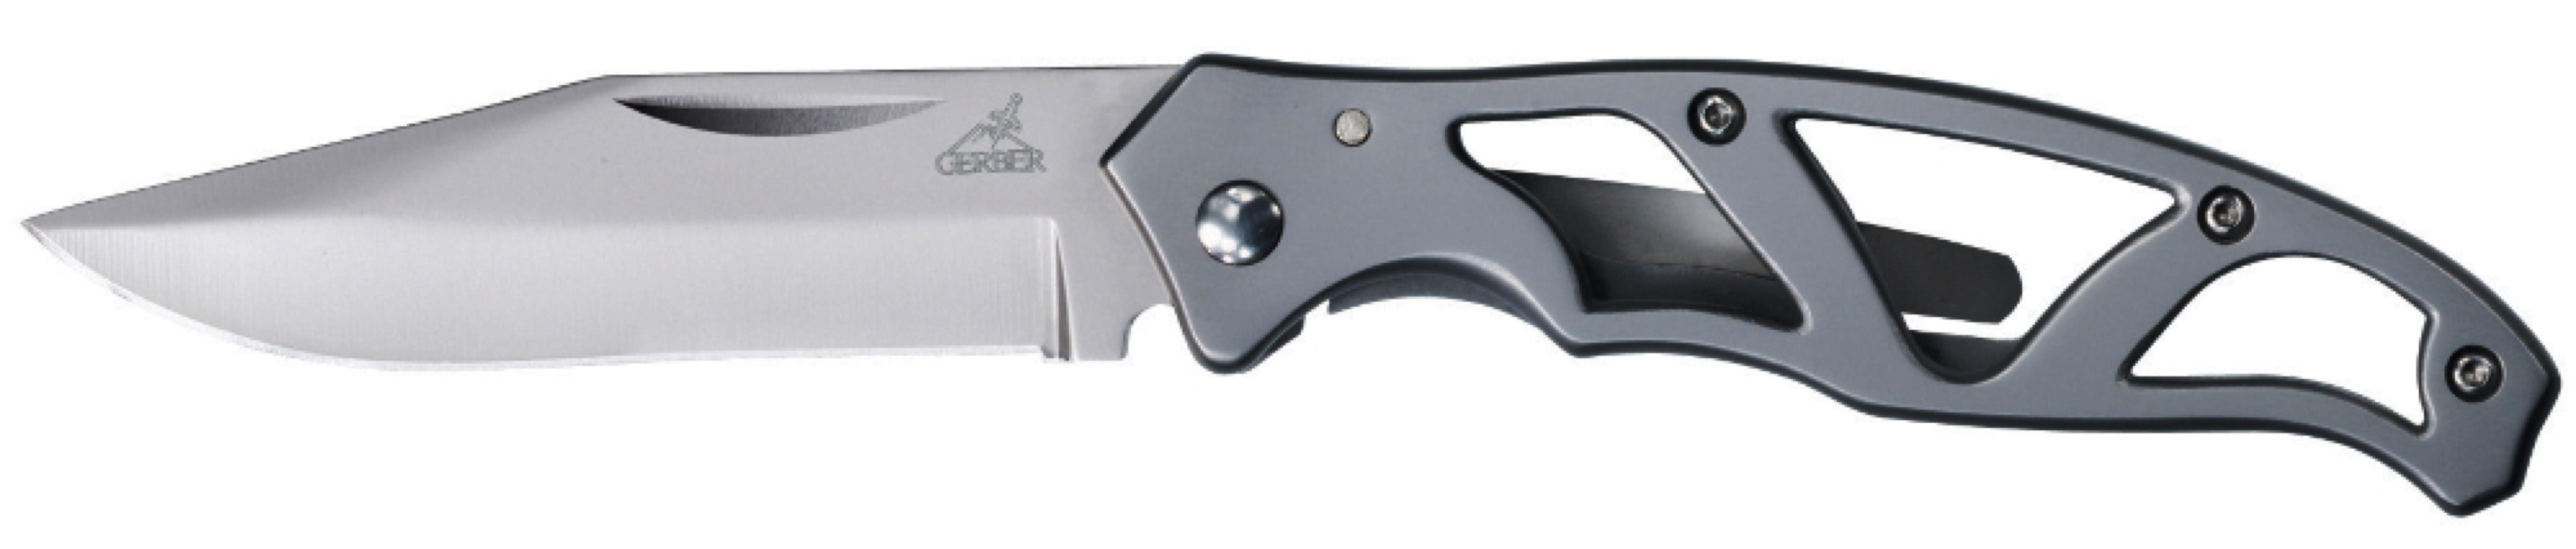 Couteau mini Paraframe tout usages - Lame 6cm